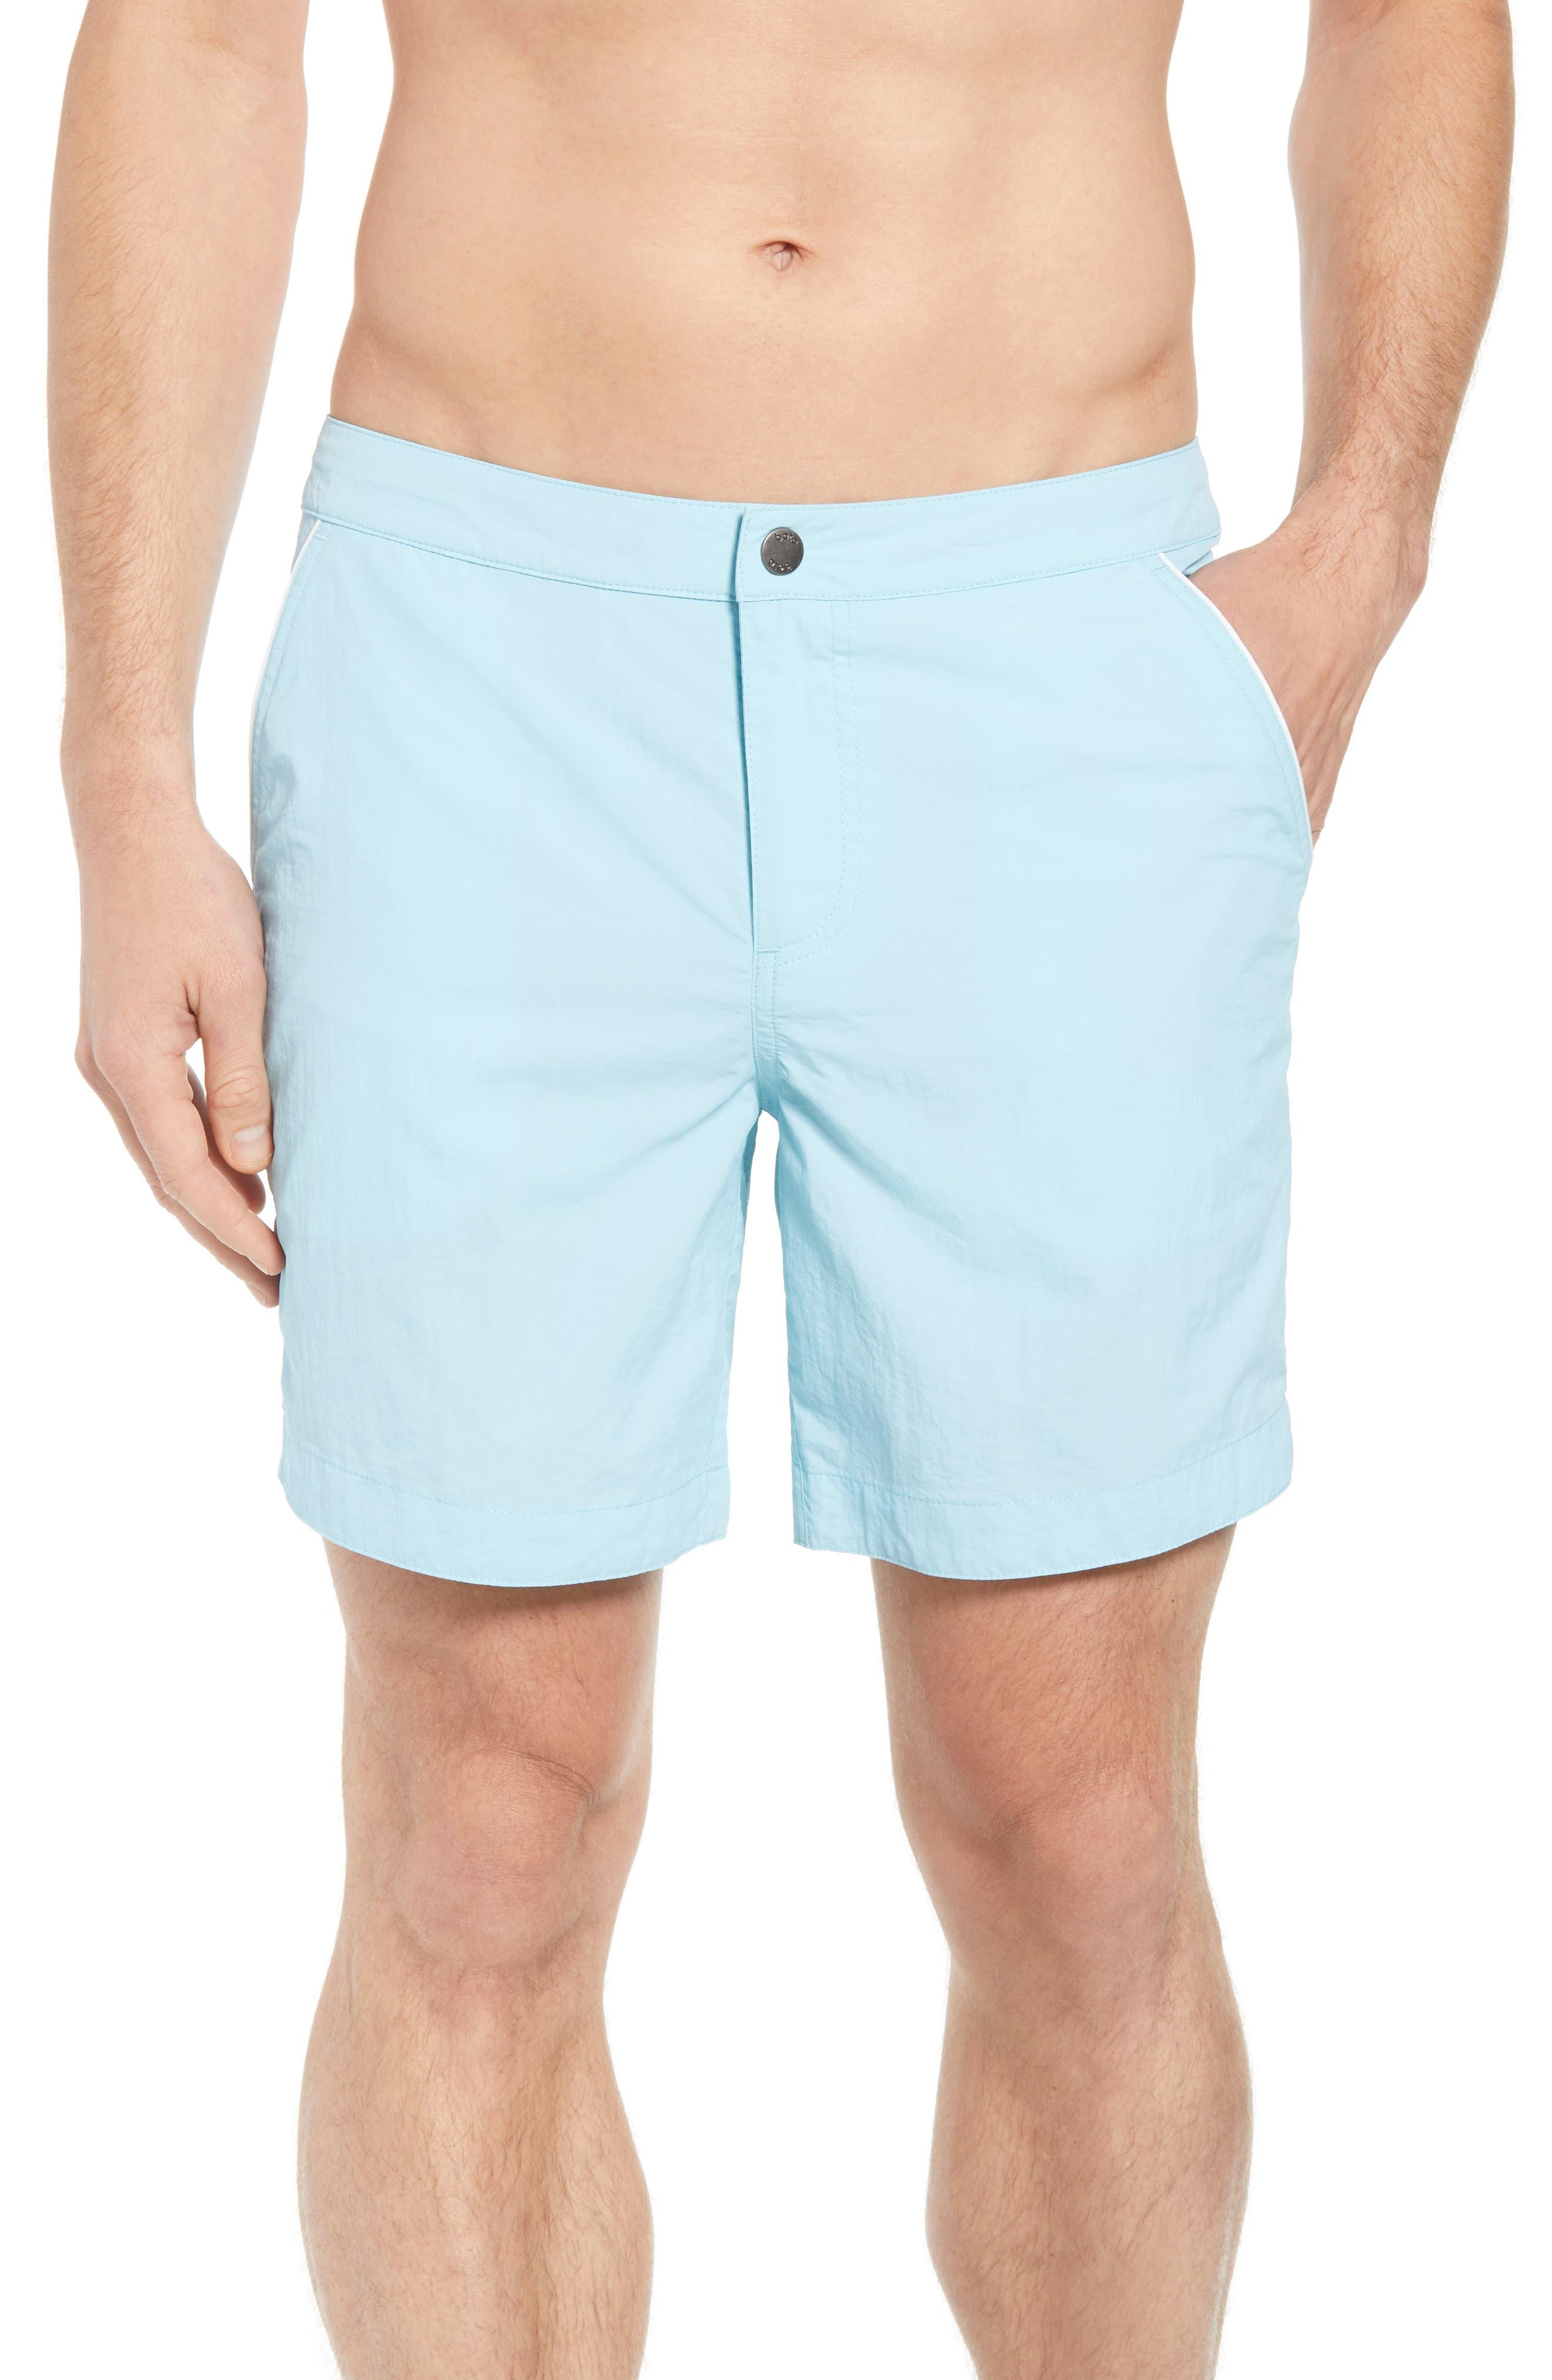 Rio Slim Fit Swim Trunks,                         Main,                         color, Aqua Blue